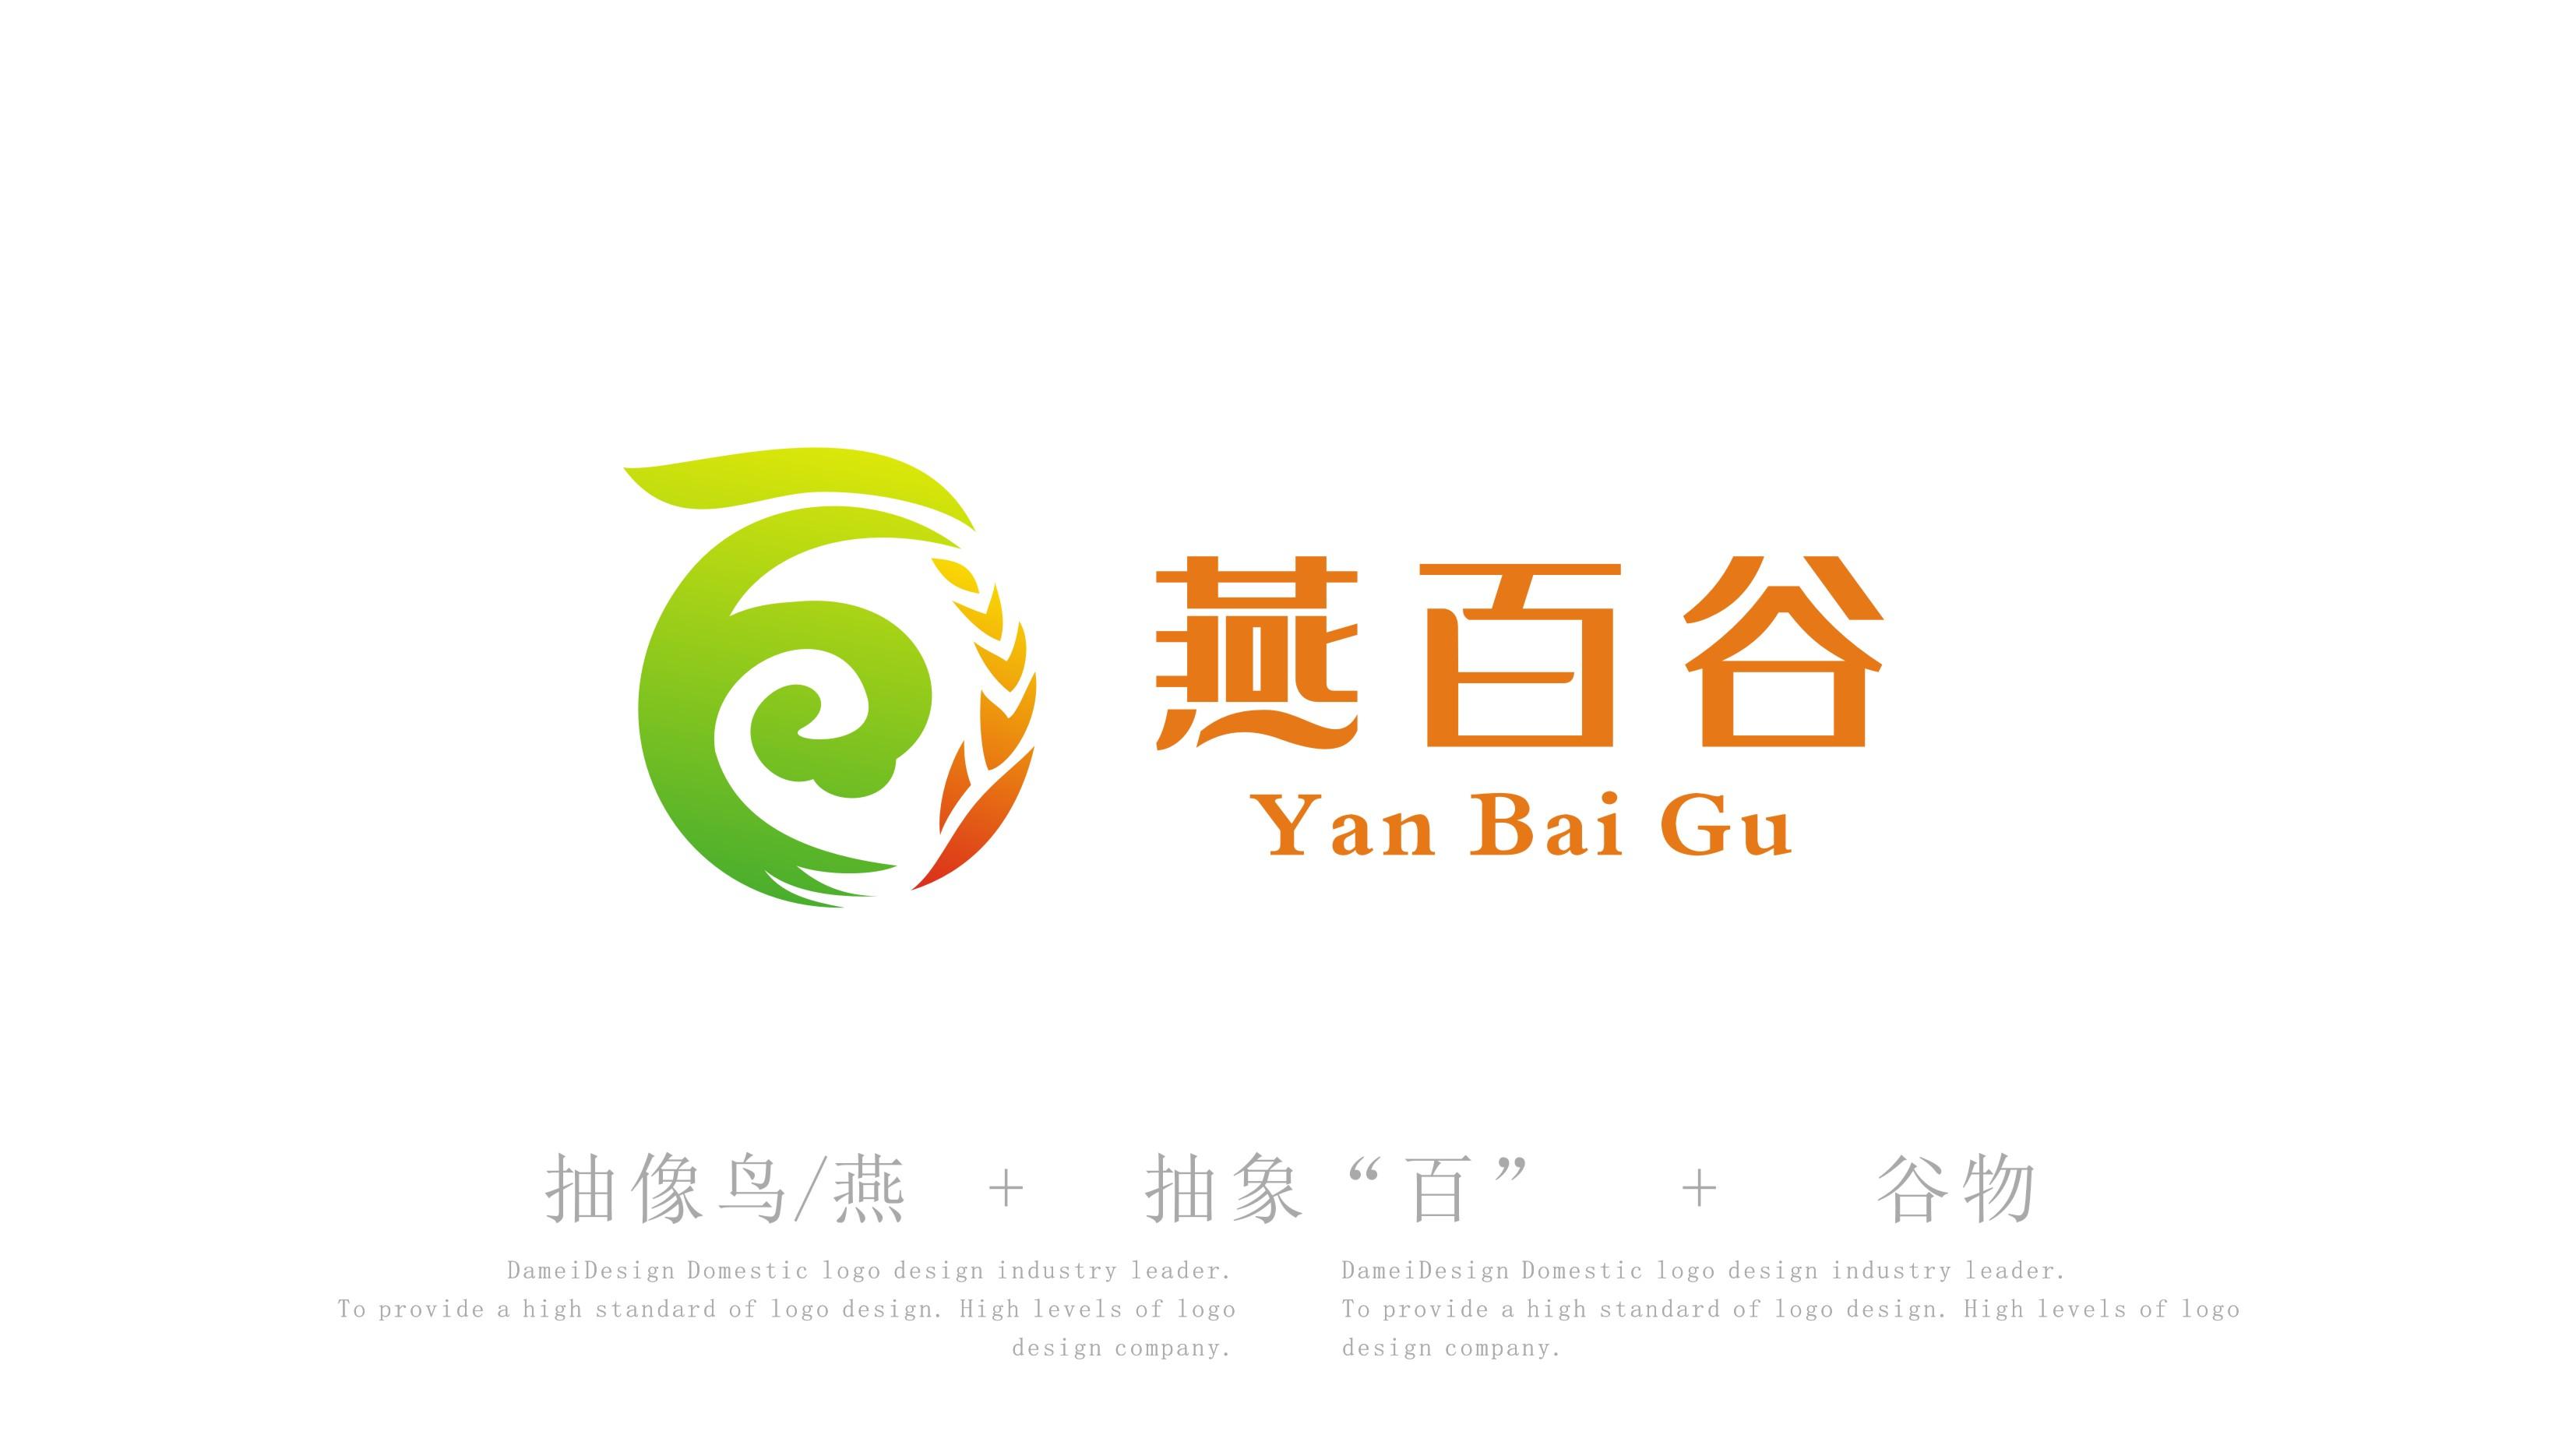 logo旅游酒店烟酒行业科研服务物业租赁物流家居电器婚礼宴会